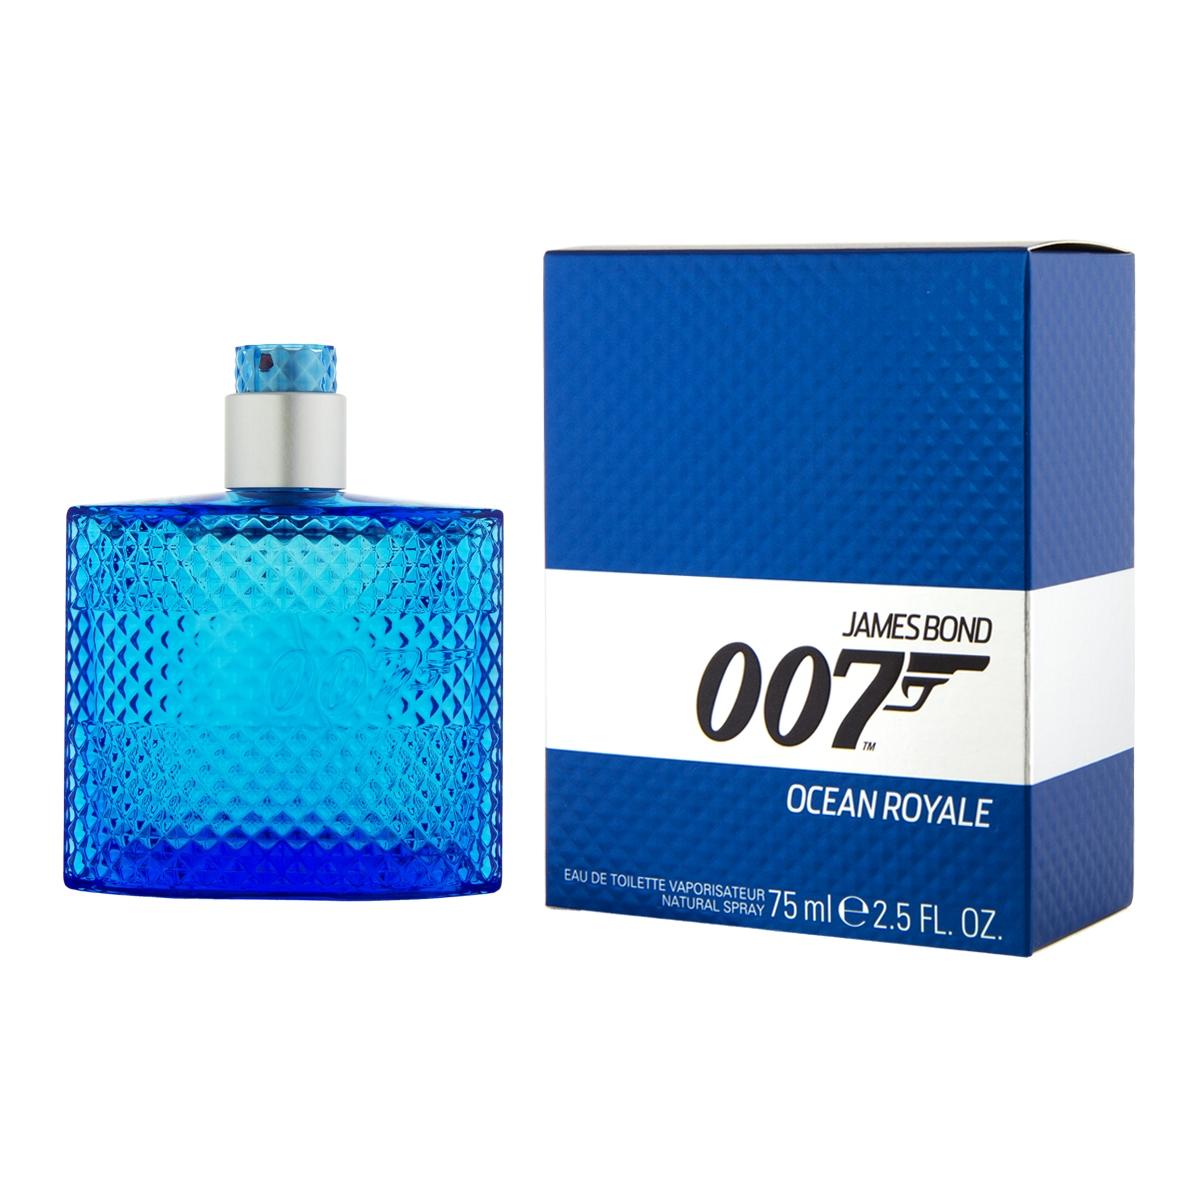 James Bond 007 Ocean Royale EDT M75